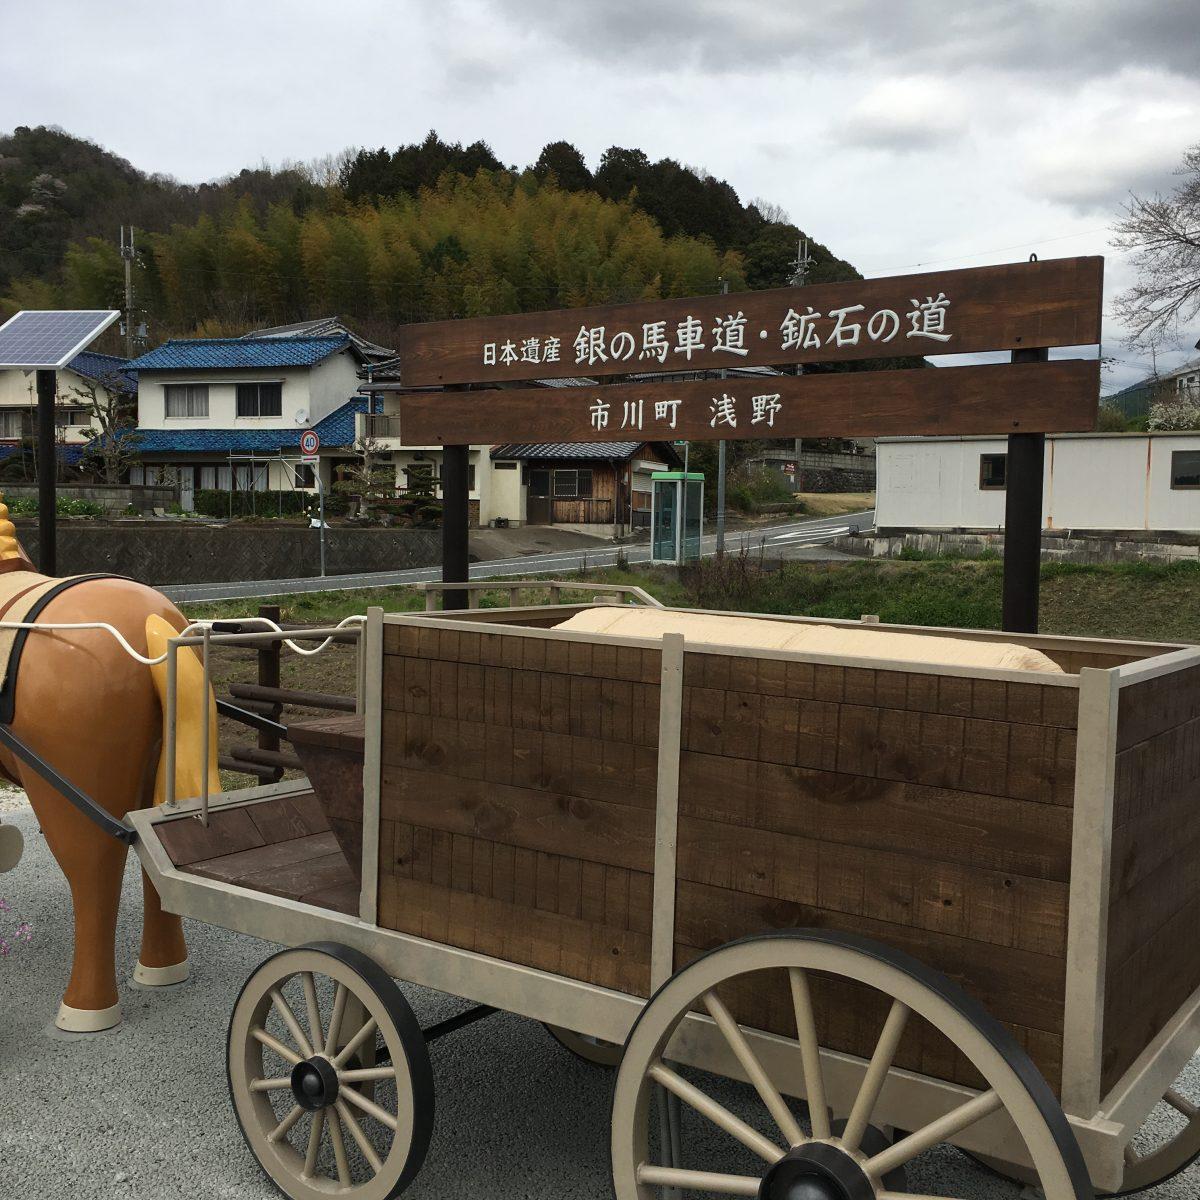 【市川町】浅野にしゃべる馬「ハヤブ」登場(動画あり) 日本遺産「銀の馬車道・鉱石の道」